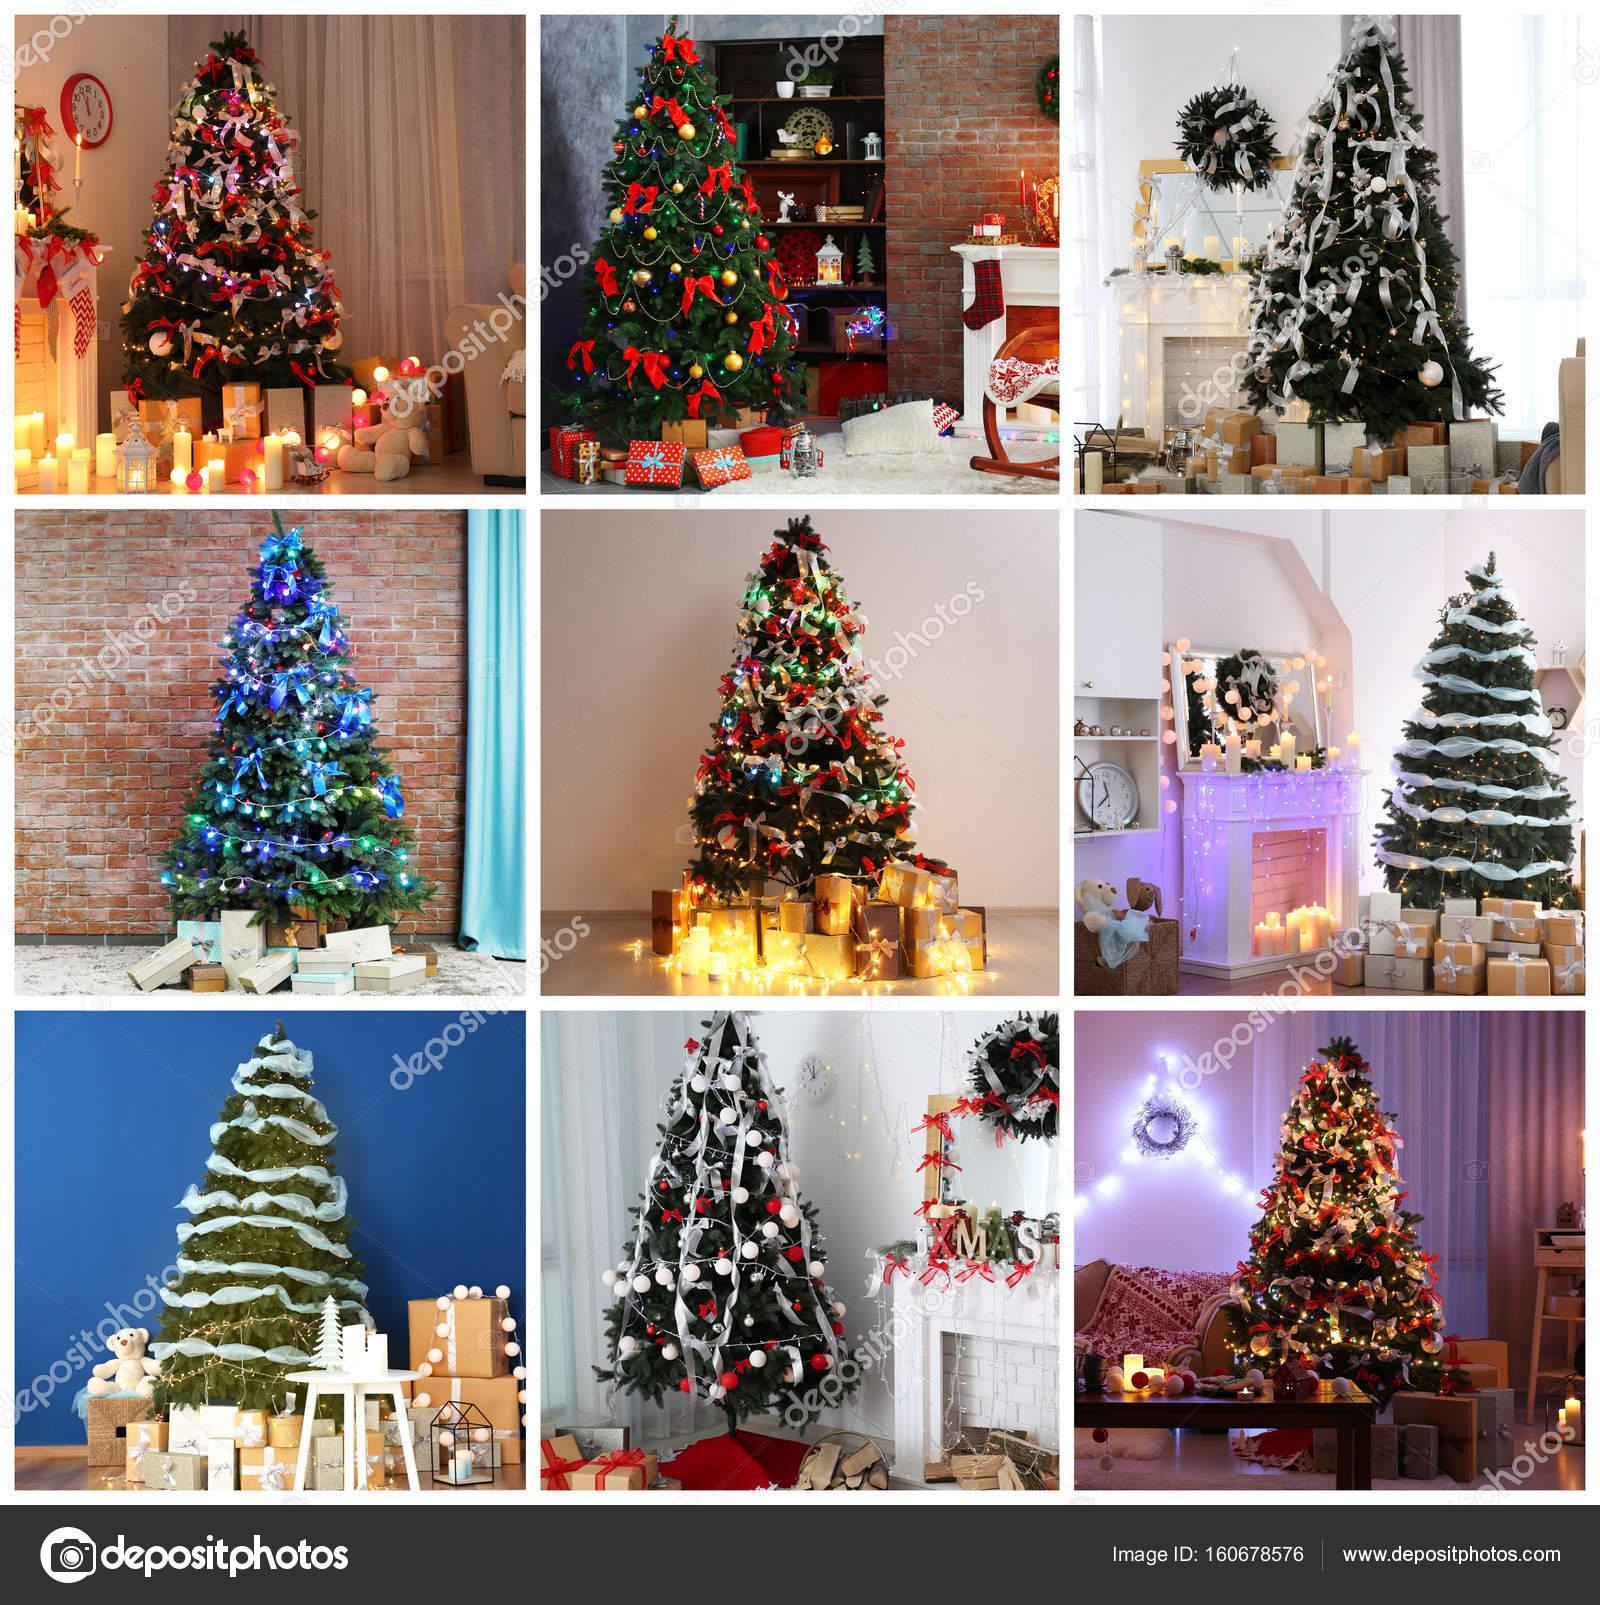 Alberi Di Natale Bellissimi Immagini.Immagini Collage Natale Collage Di Bellissimi Alberi Di